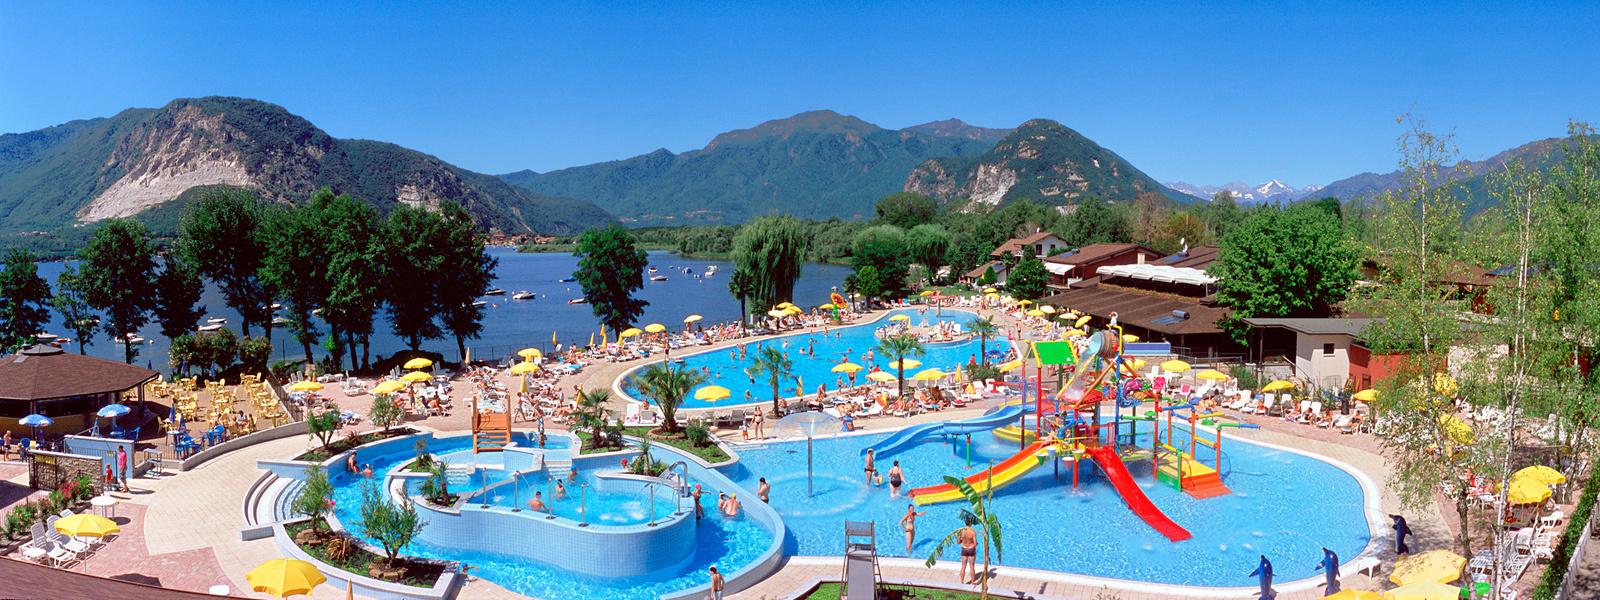 Lago Maggiore Karte.Il Tuo Camping Al Lago Maggiore Isolino